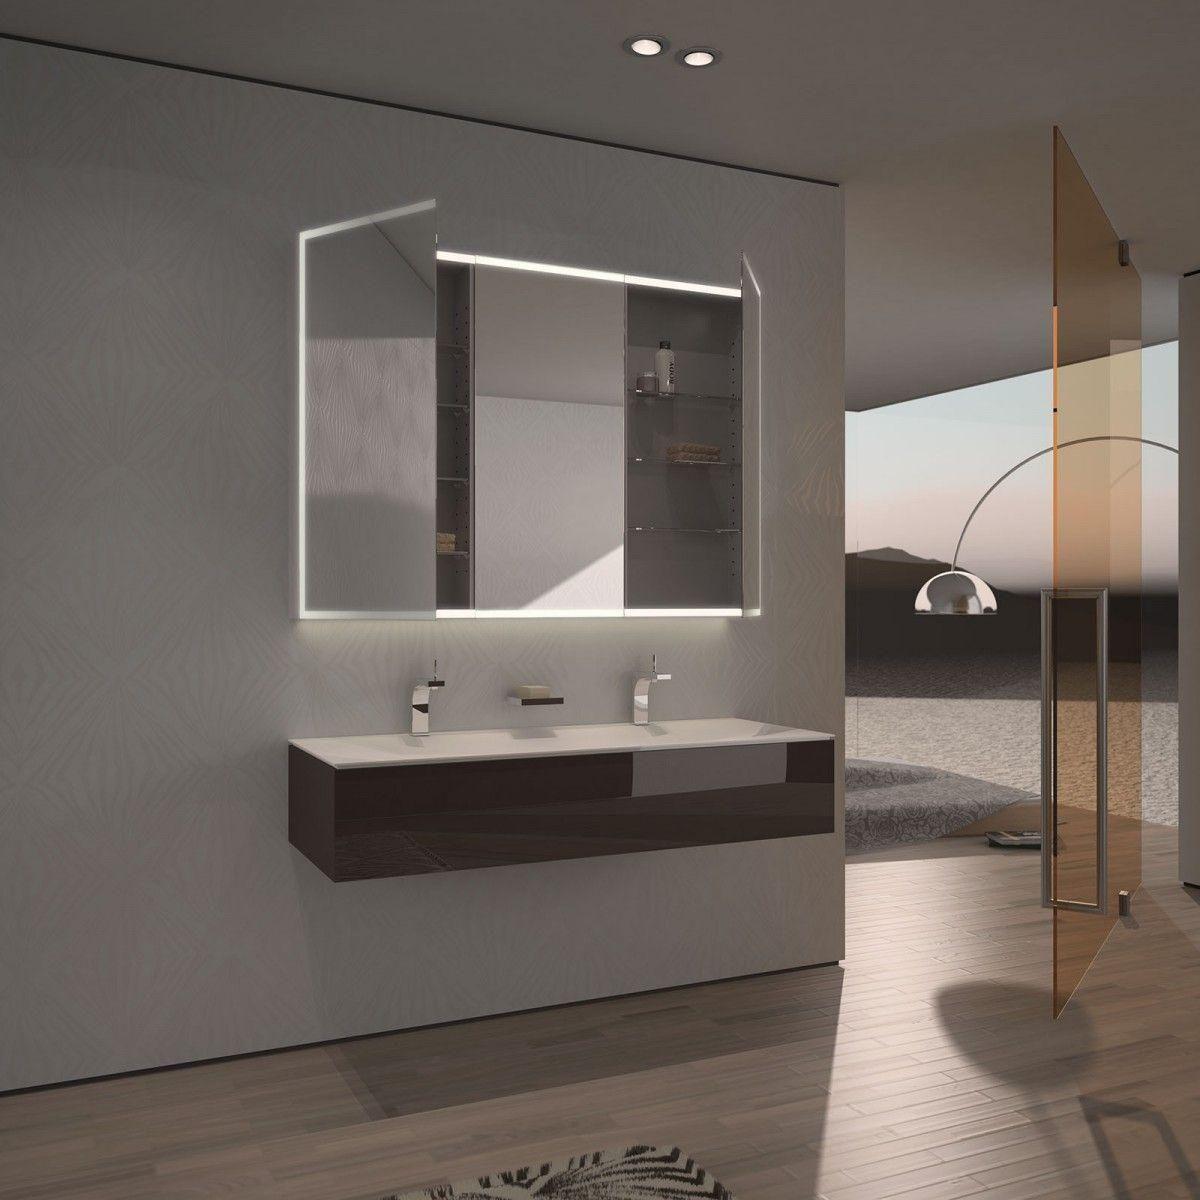 Badezimmerspiegelschrank Beeindruckender Spiegelschrank Bad 120 Cm In 2020 Badezimmer Spiegelschrank Spiegelschrank